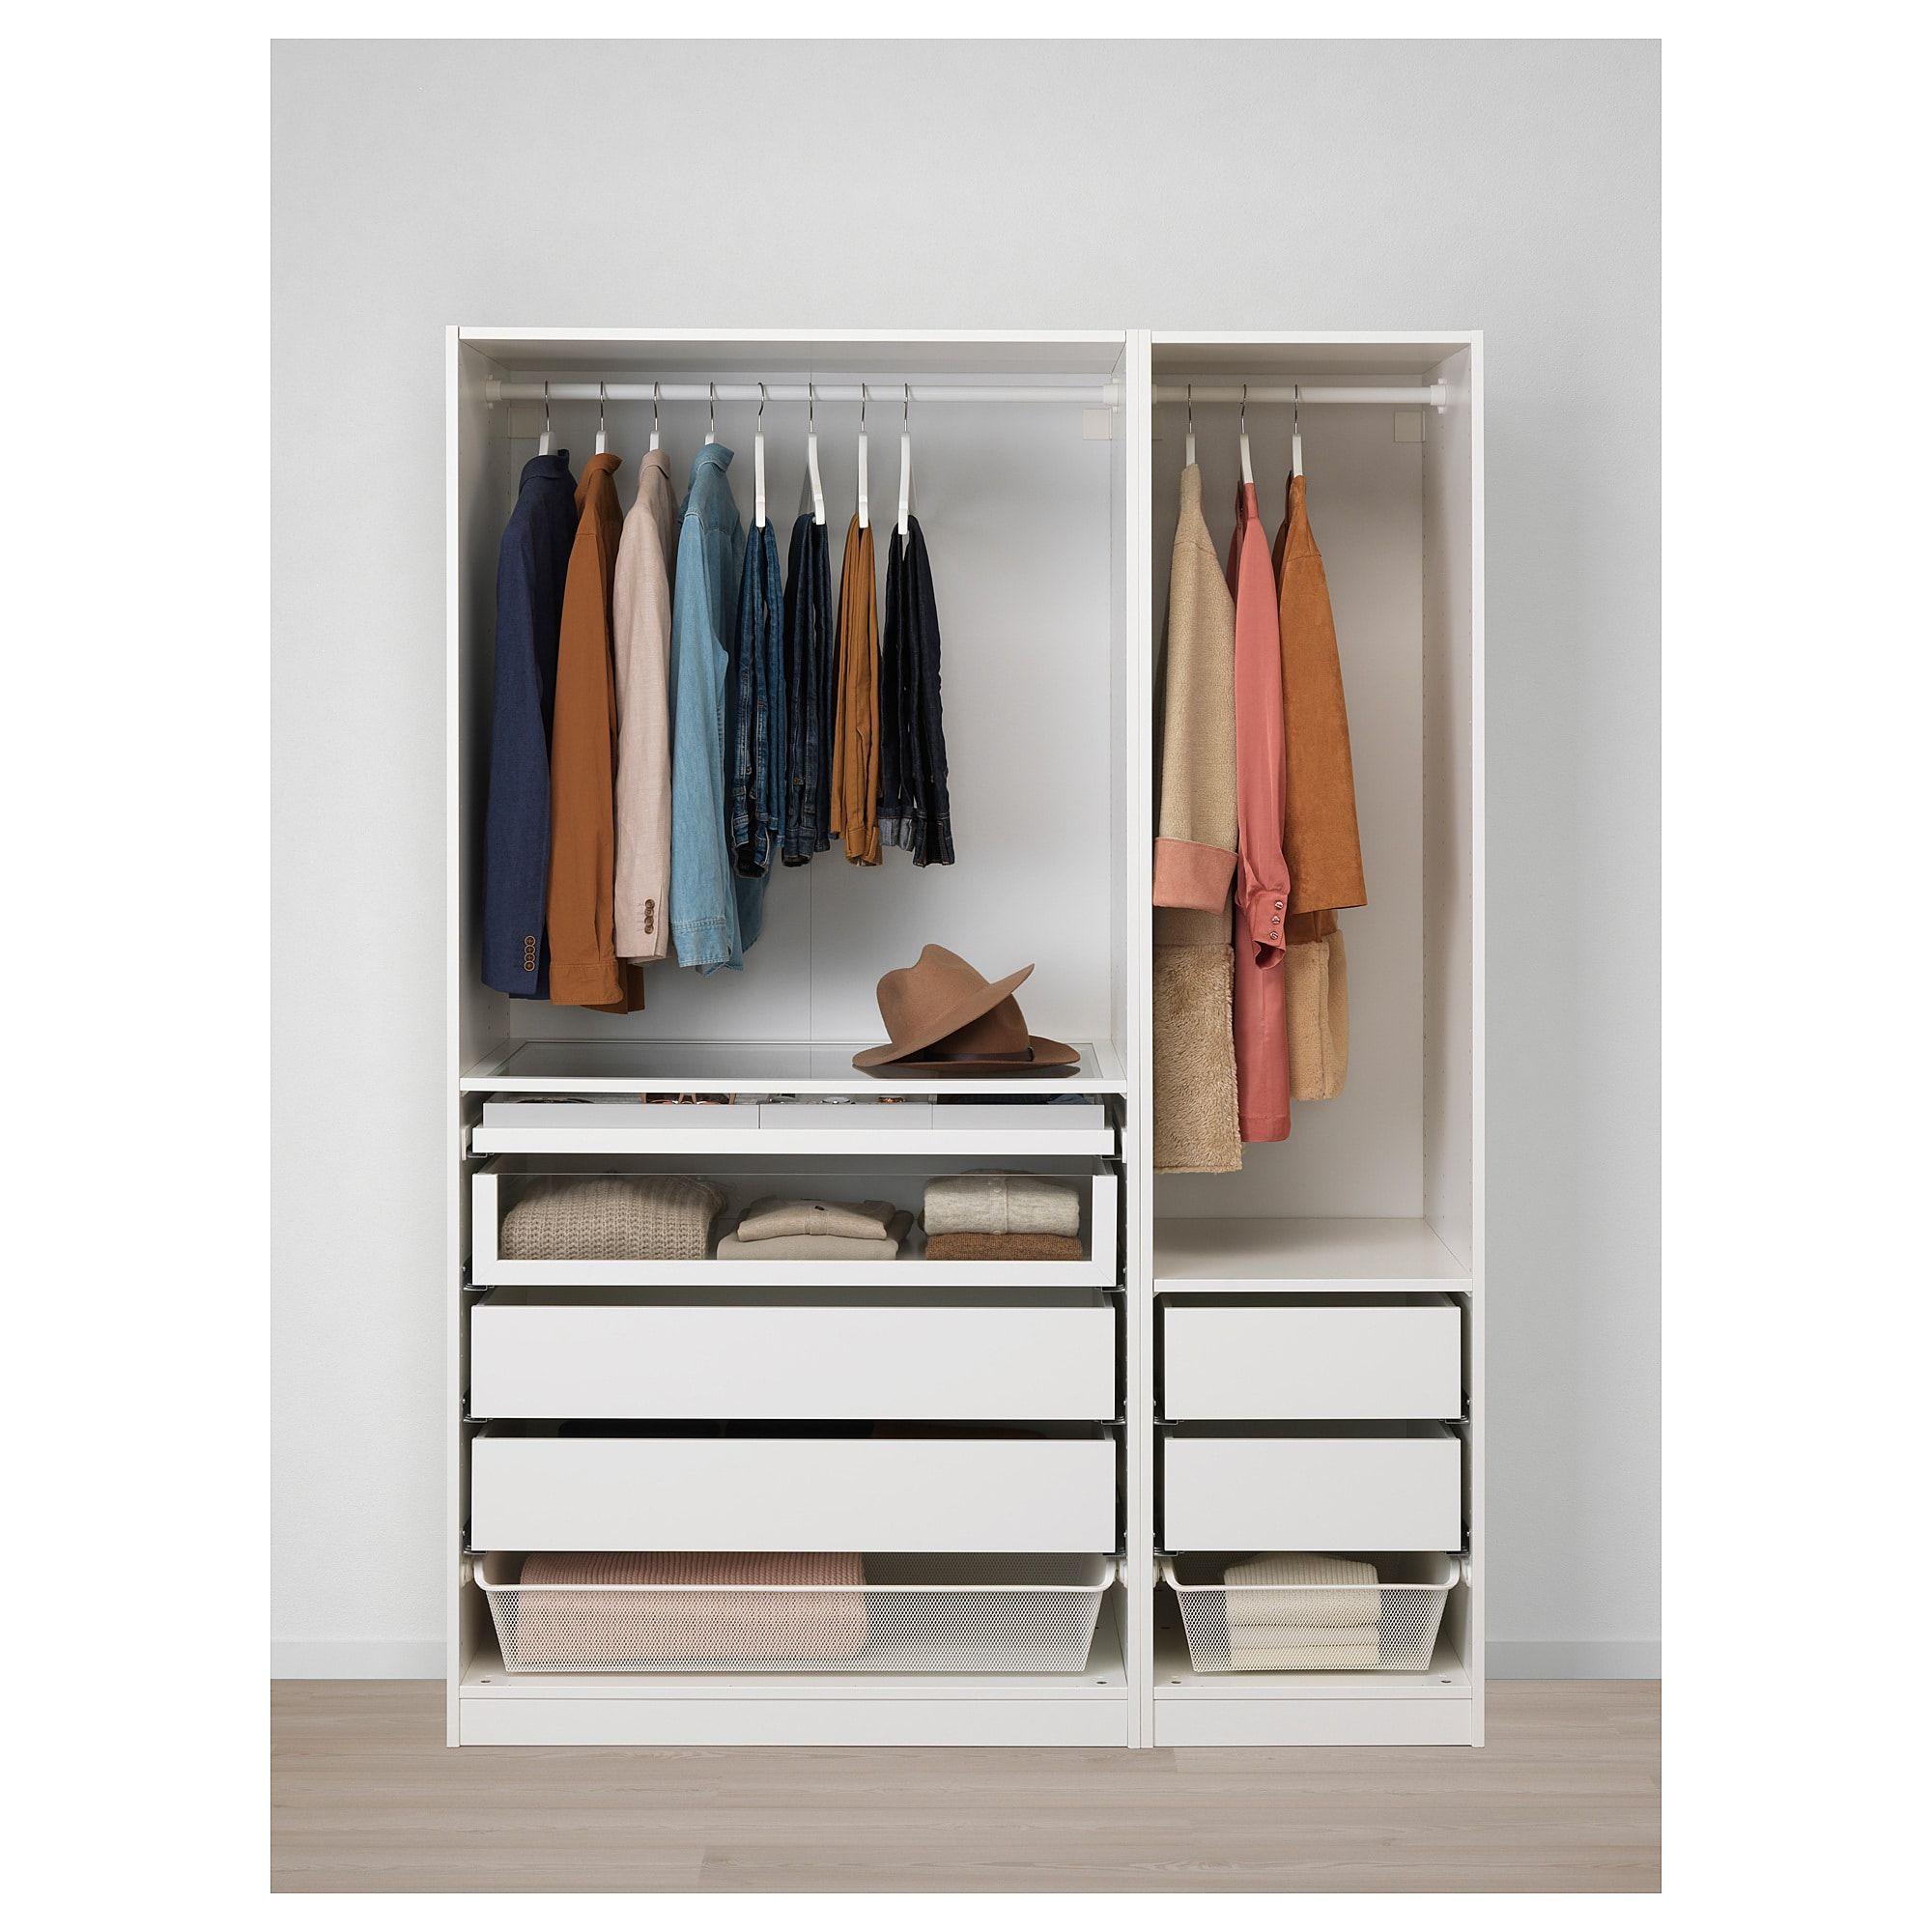 Furniture Home Furnishings Find Your Inspiration Kleiderschrankaufbewahrung Ikea Schranksystem Pax Kleiderschrank